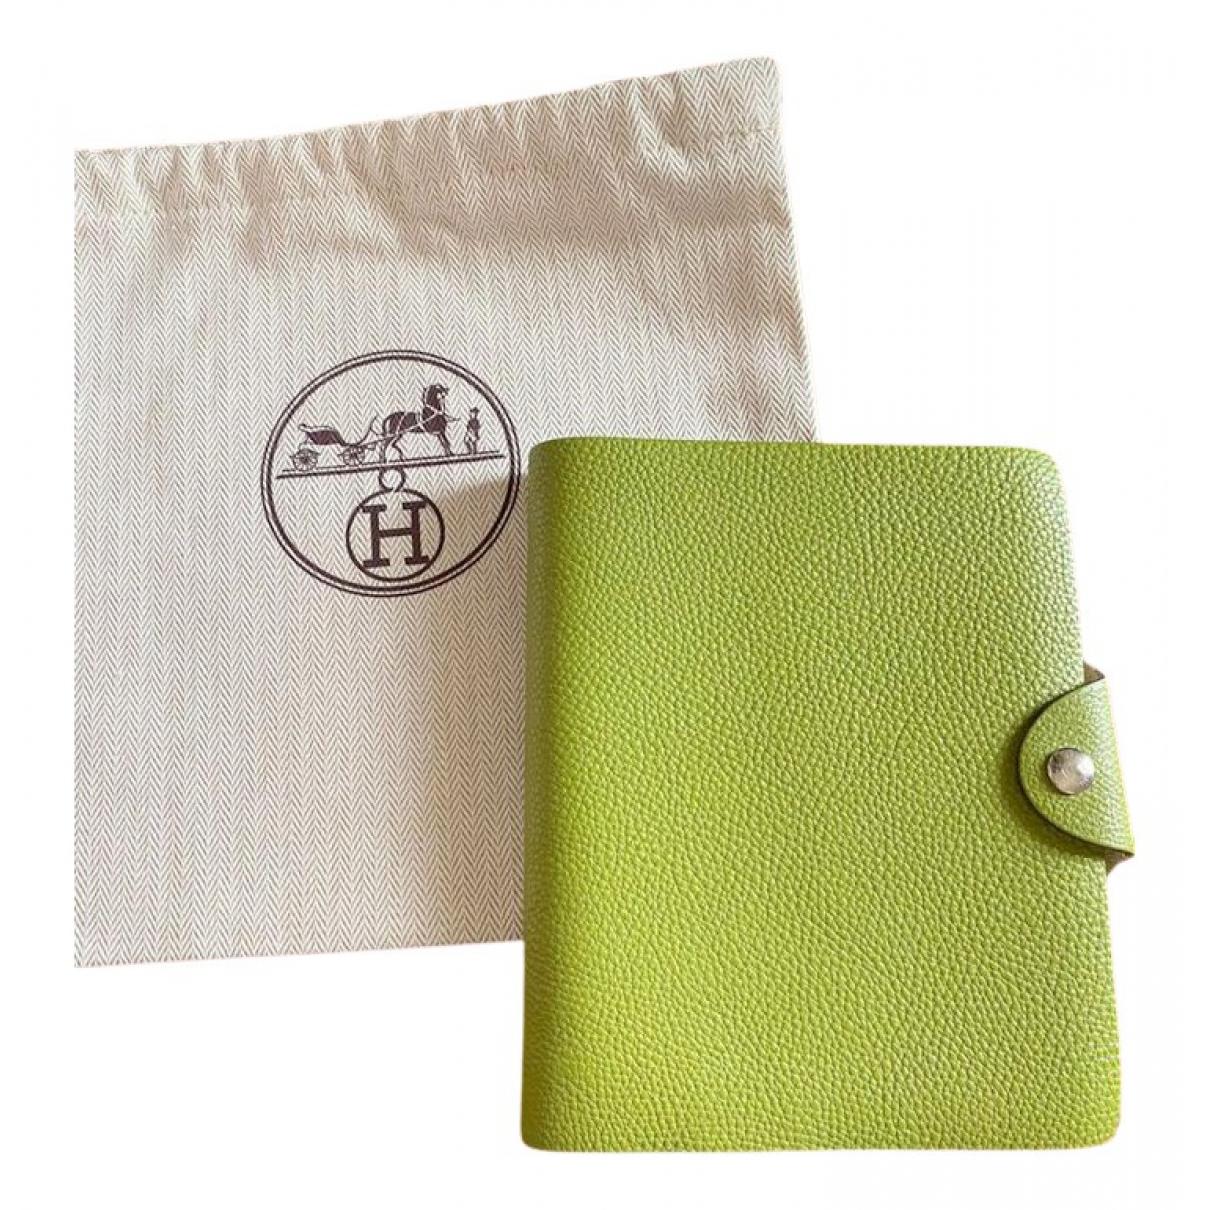 Hermes - Objets & Deco Ulysse PM pour lifestyle en cuir - vert